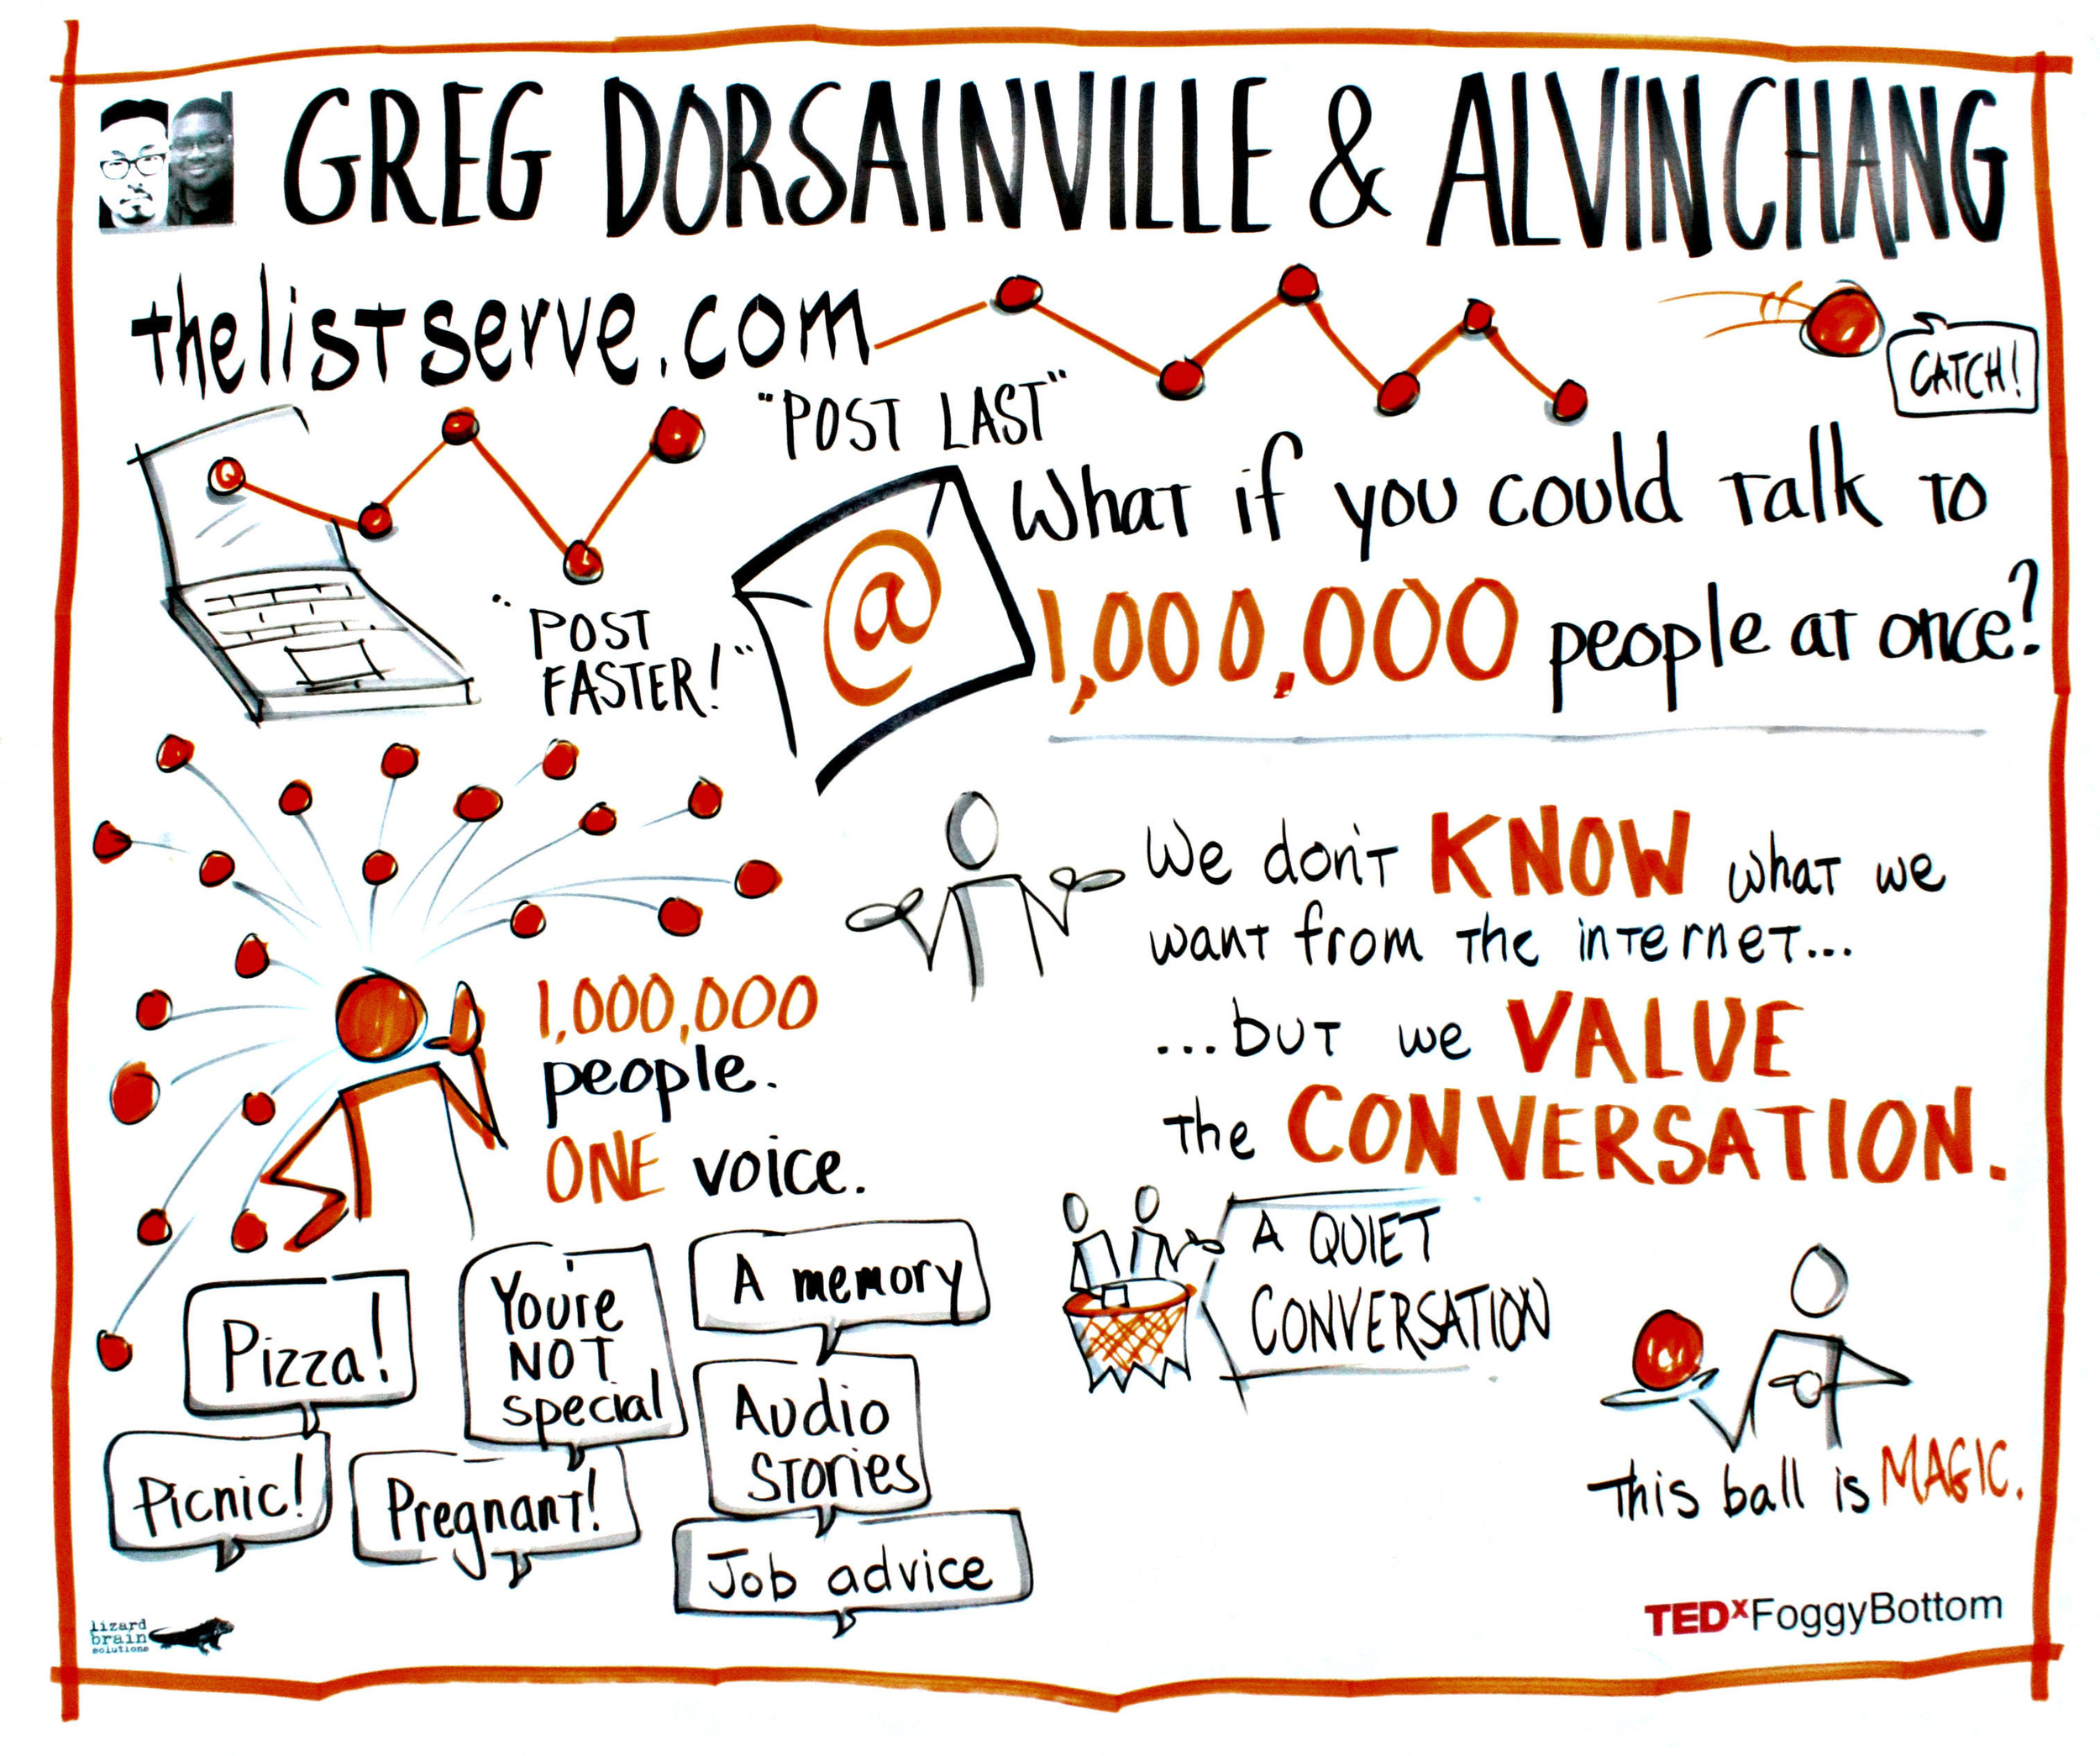 03 Greg Dorsainville and Alvin Chang.jpg